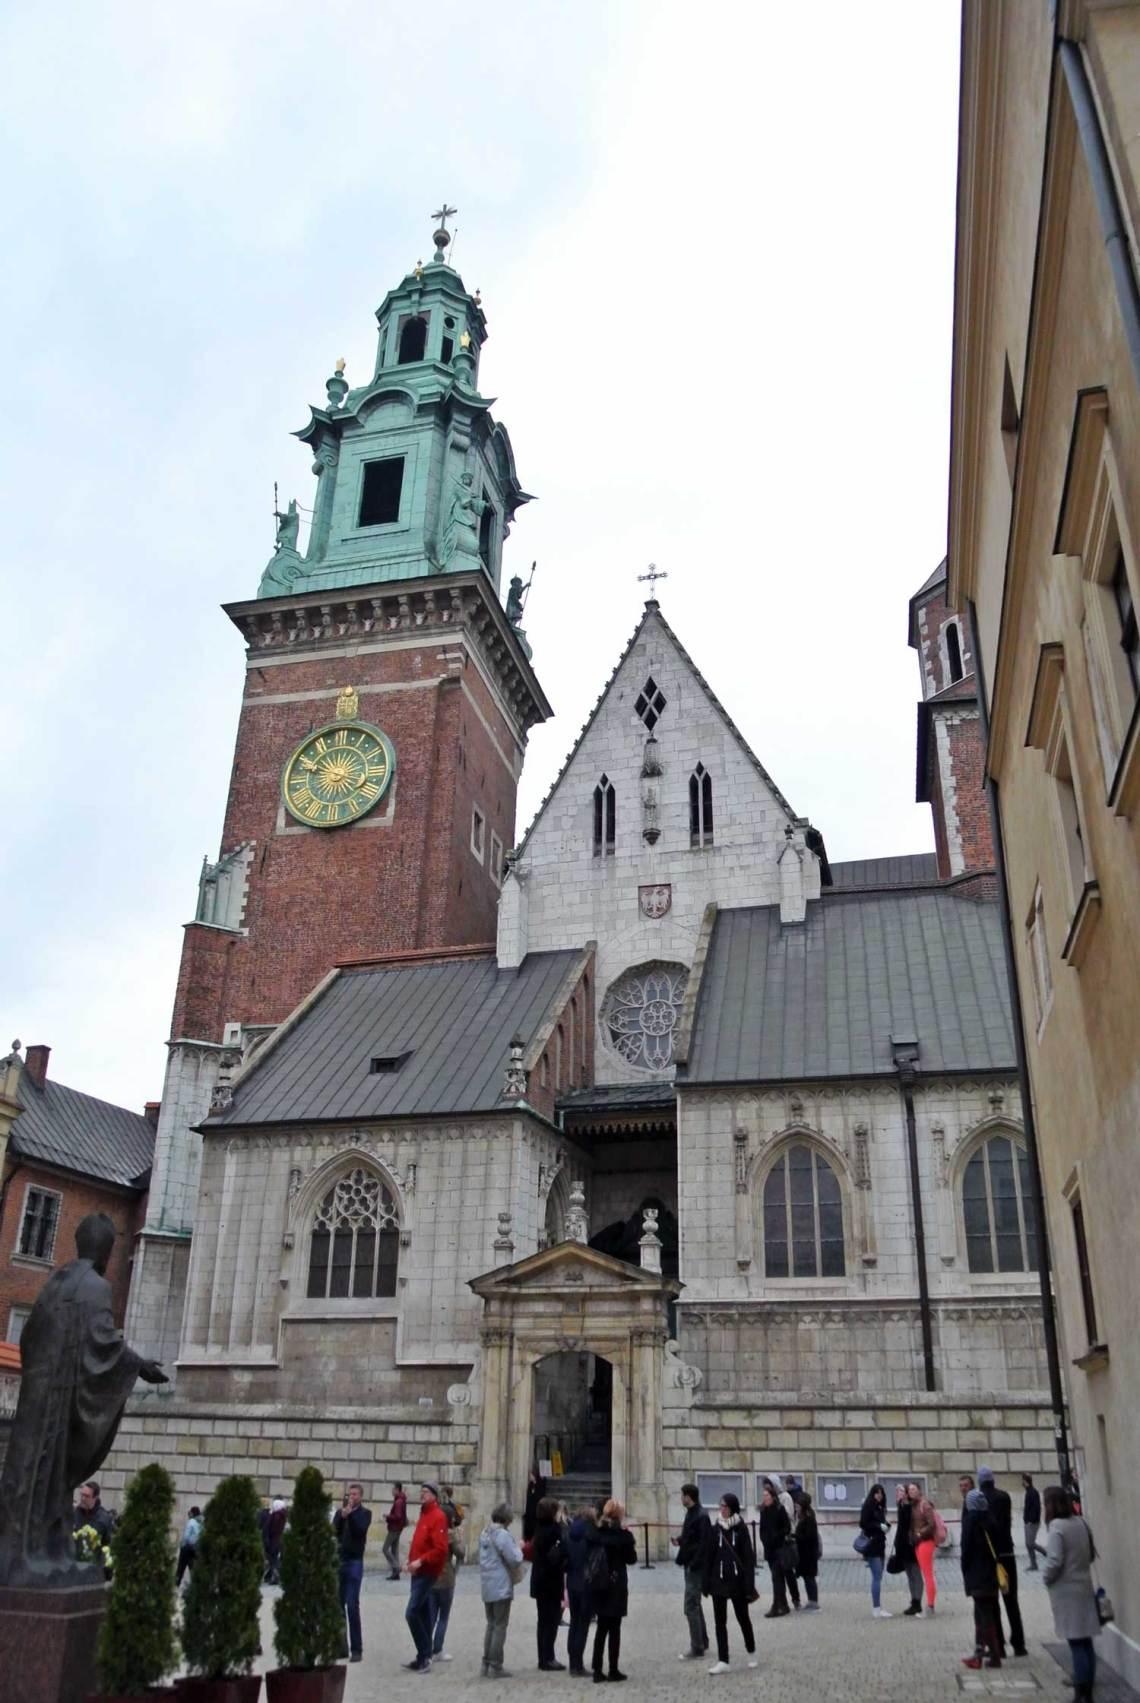 Katedra Sw. Stanislawa I Waclawa Krakau